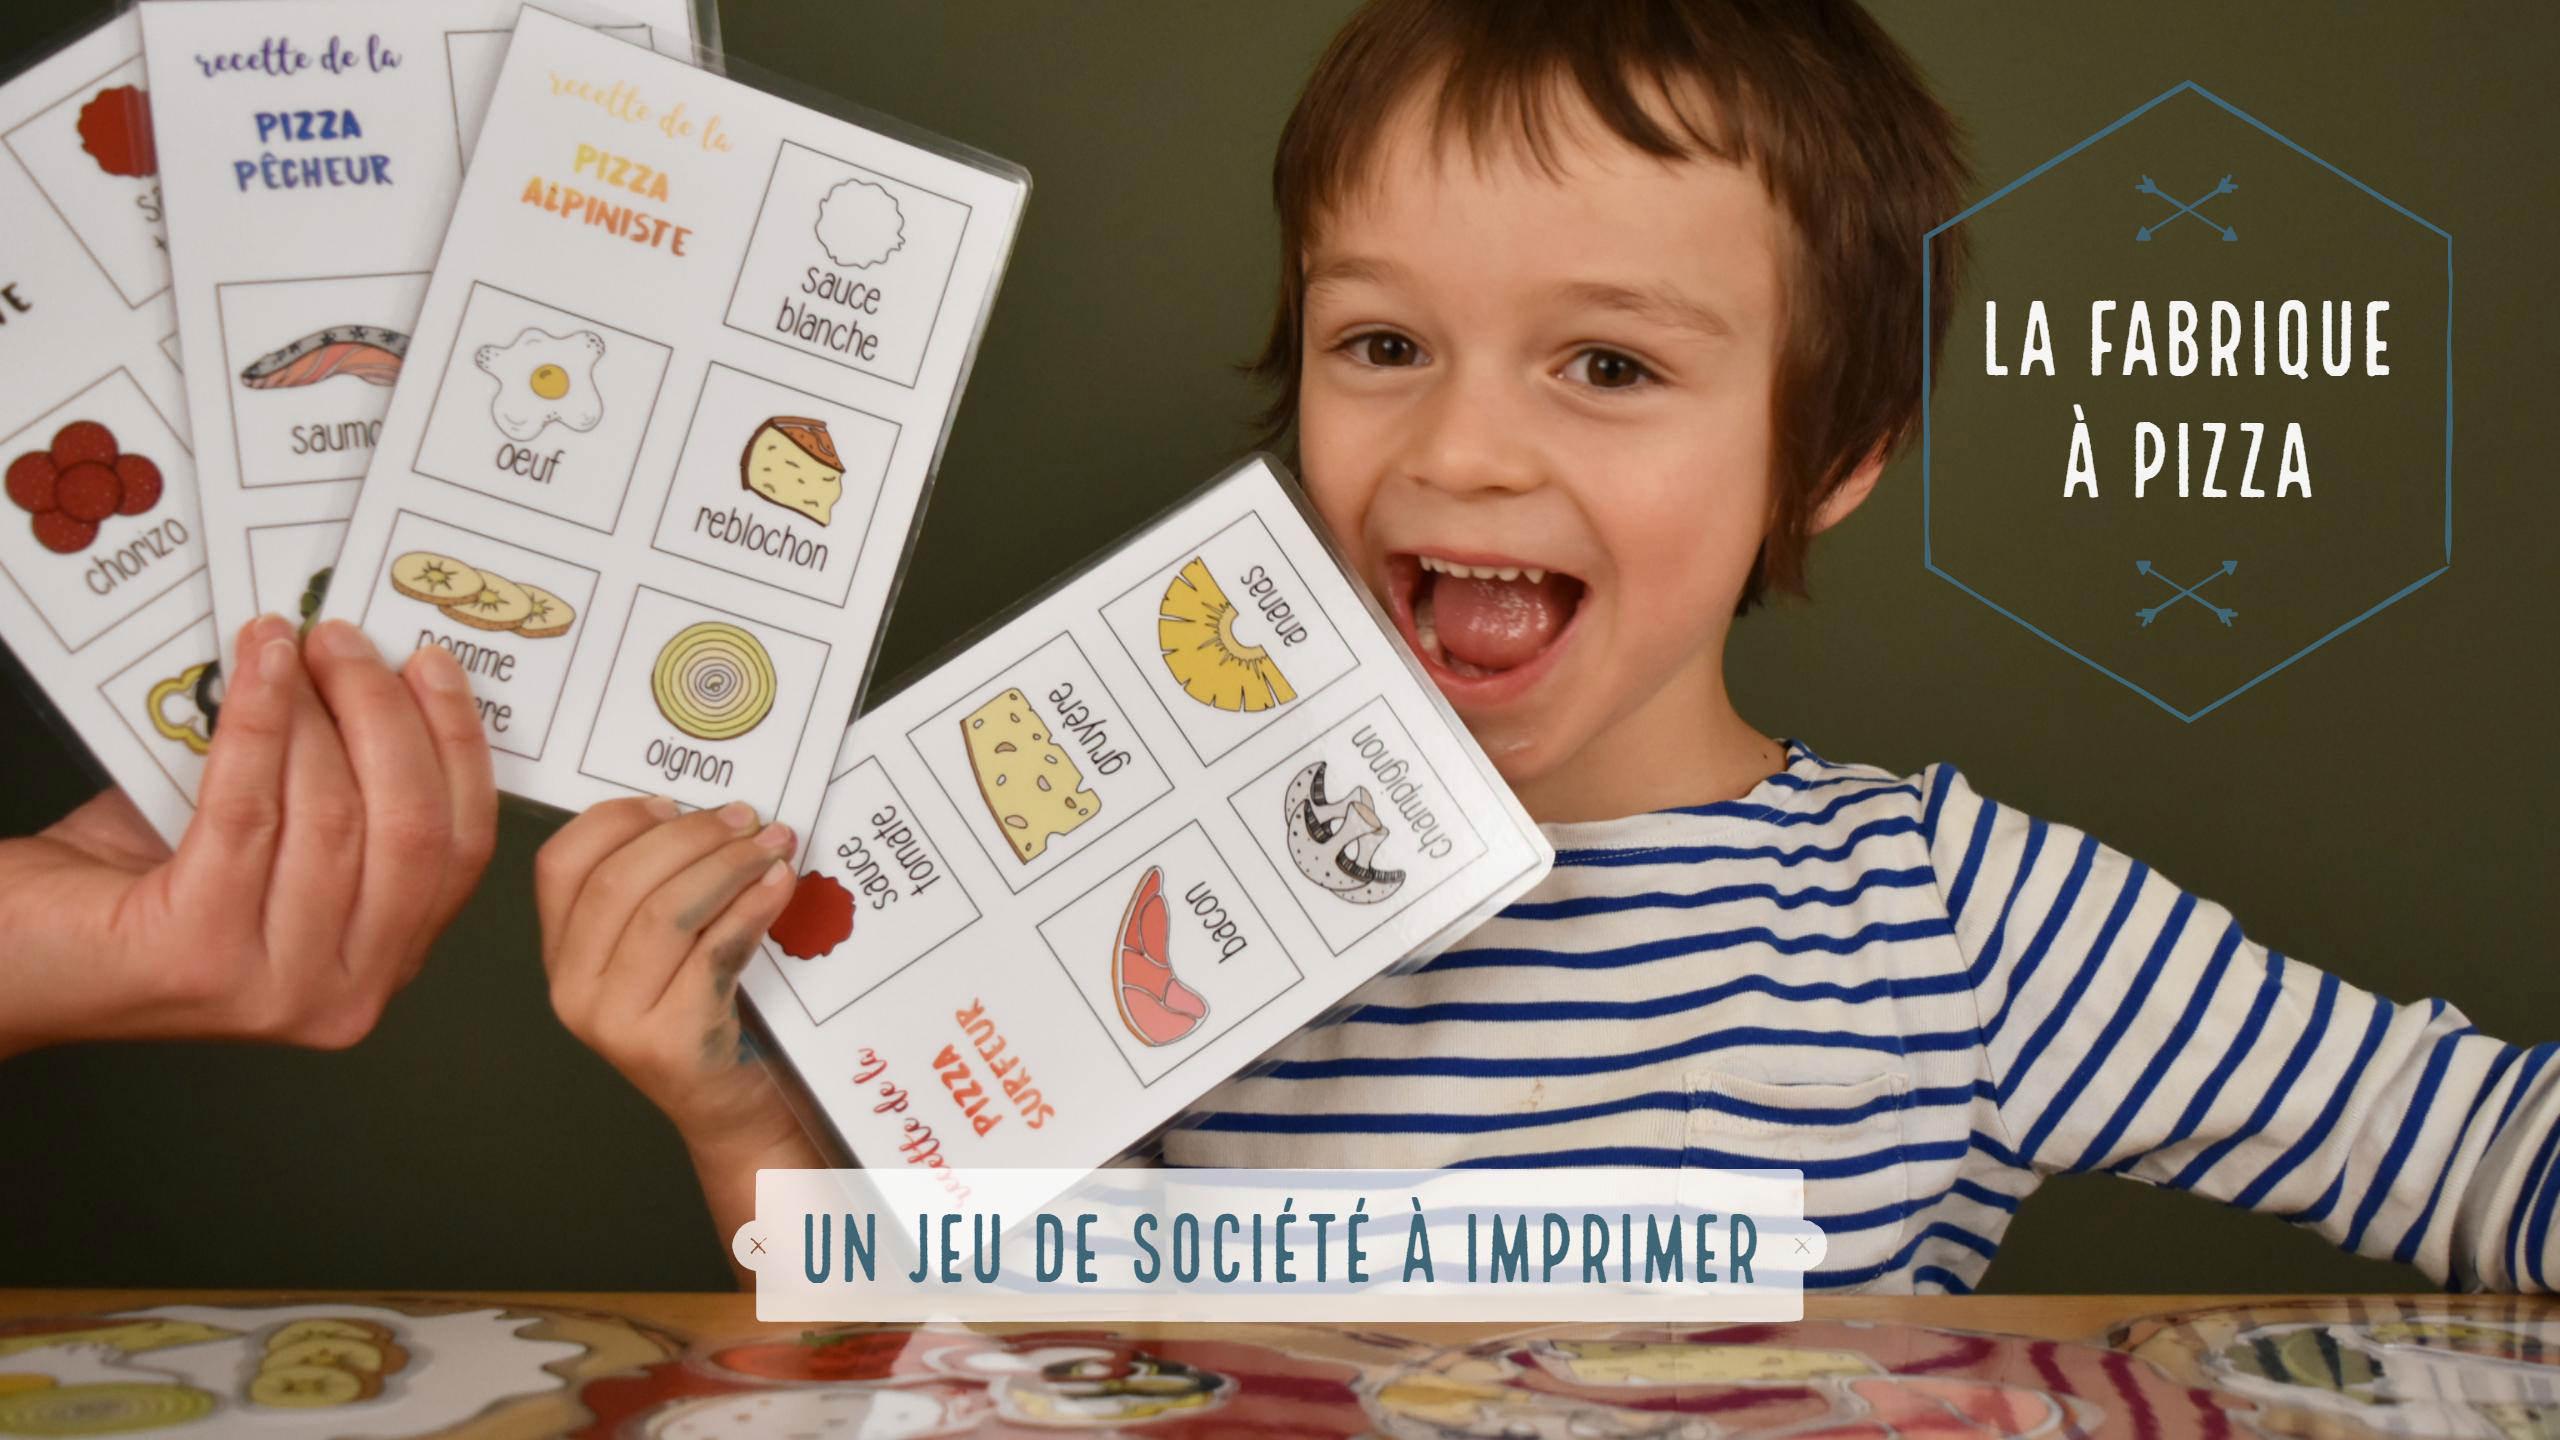 La Fabrique À Pizza , Un Jeu De Société À Imprimer - Be Frenchie dedans Jeux De Société À Imprimer